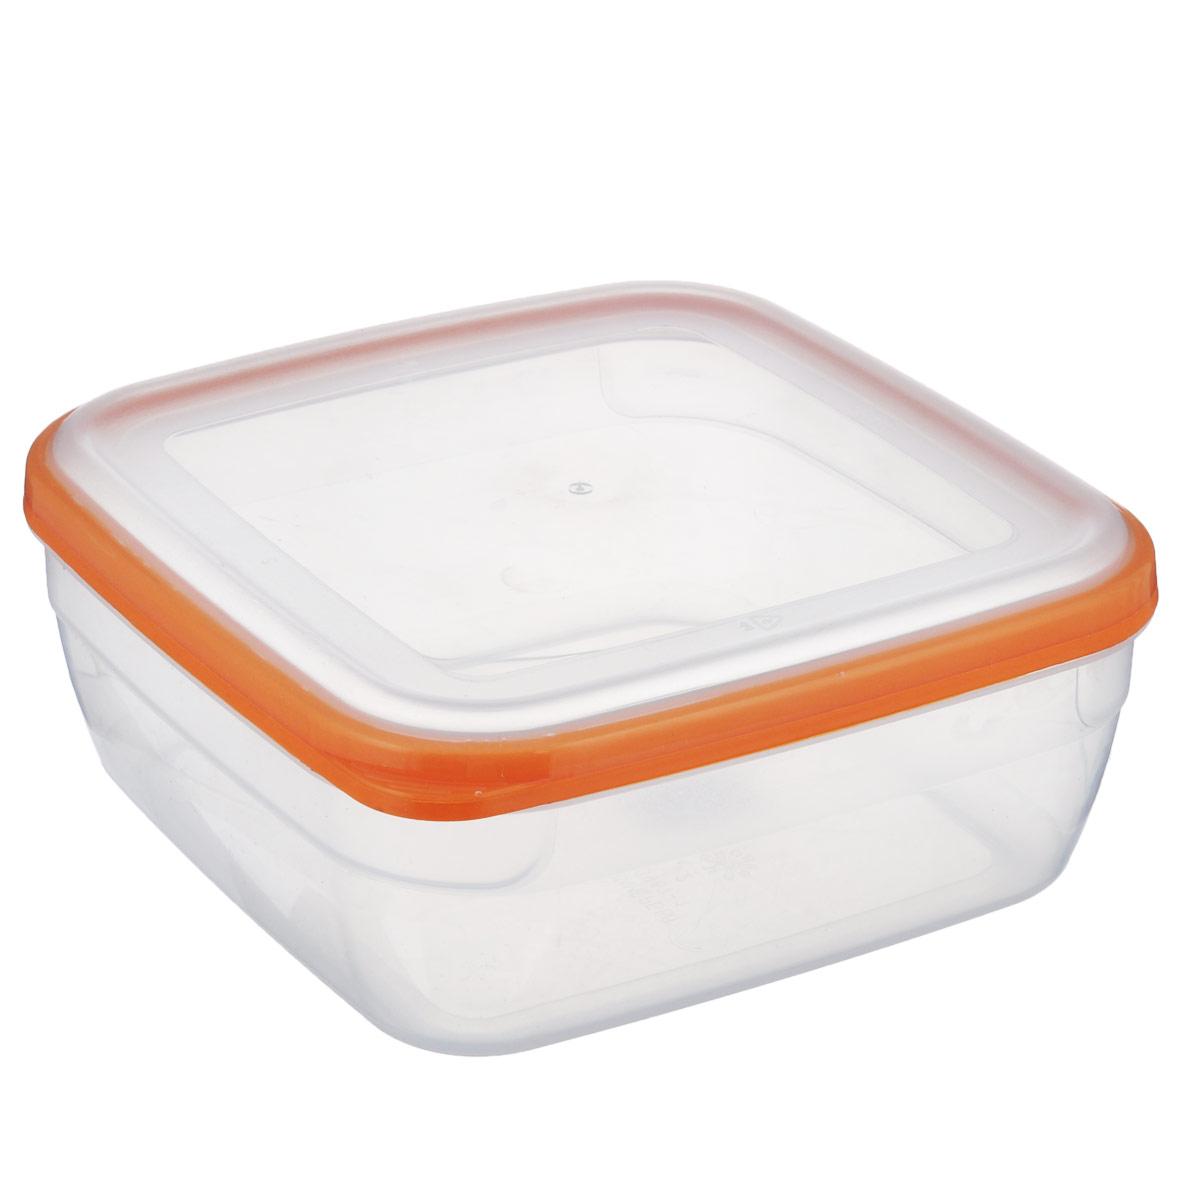 Контейнер Полимербыт Премиум, цвет: прозрачный, оранжевый, 2,2 лС567 оранжевыйКонтейнер Полимербыт Премиум квадратной формы, изготовленный из прочного пластика, предназначен специально для хранения пищевых продуктов. Крышка легко открывается и плотно закрывается. Контейнер устойчив к воздействию масел и жиров, легко моется. Прозрачные стенки позволяют видеть содержимое. Контейнер имеет возможность хранения продуктов глубокой заморозки, обладает высокой прочностью. Можно мыть в посудомоечной машине. Подходит для использования в микроволновых печах.